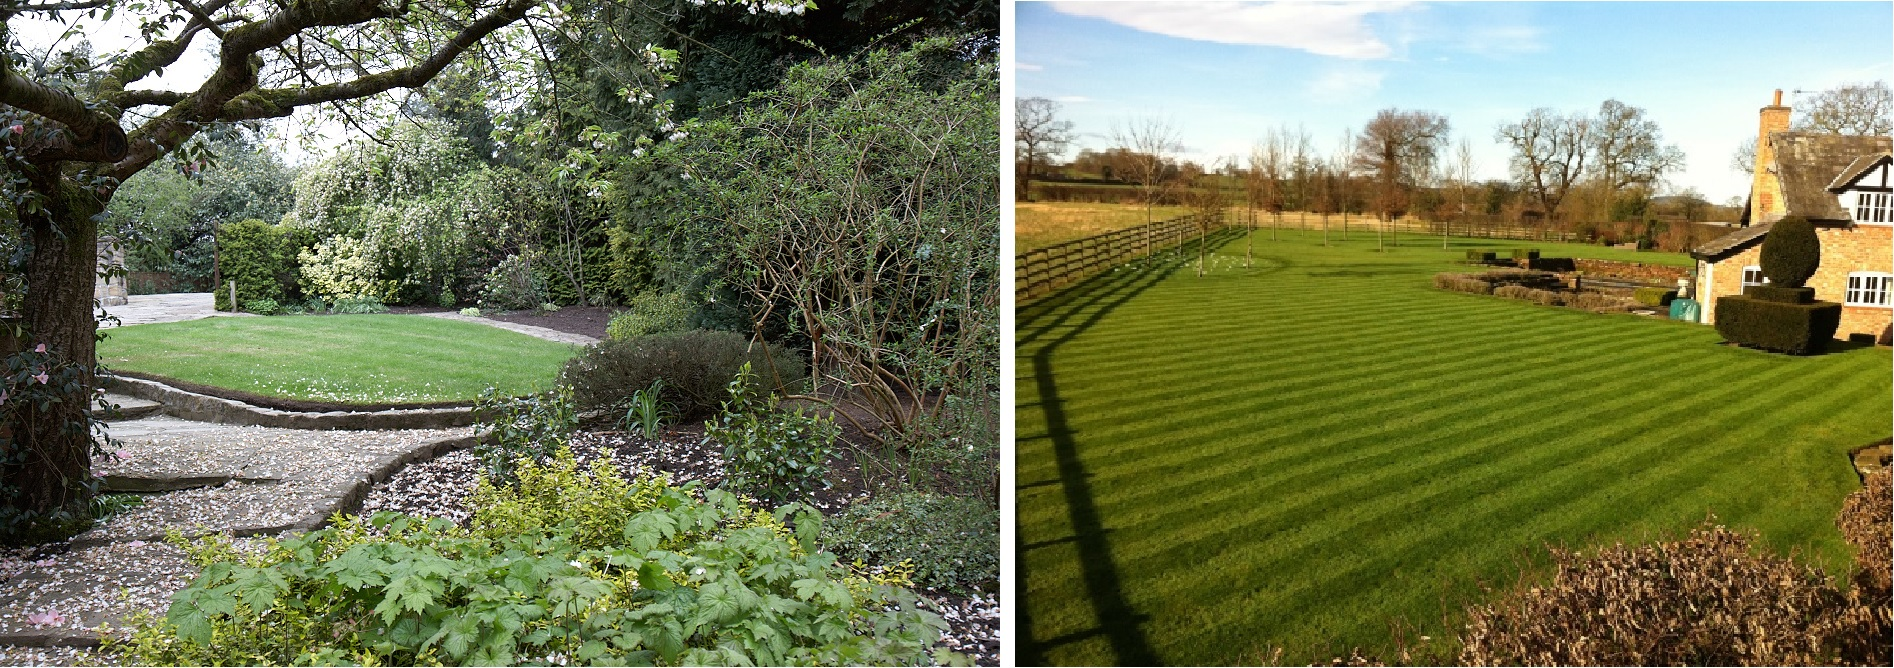 Garden Maintenance - Gardens of Distinction